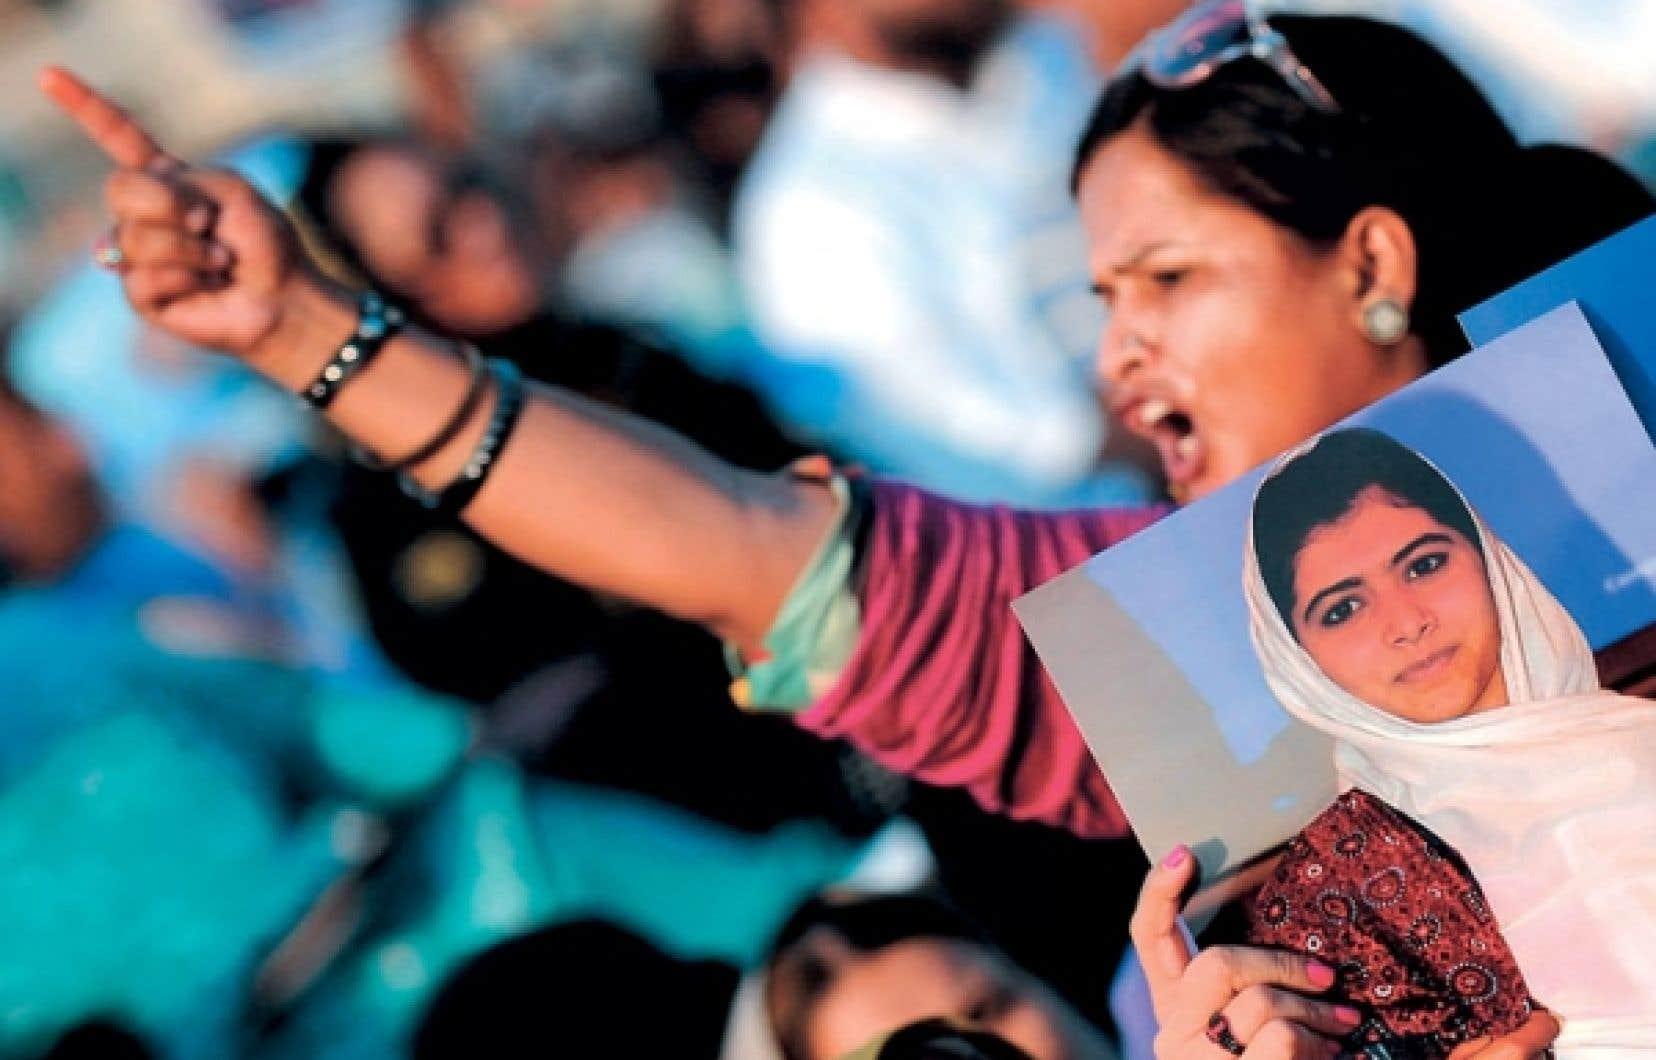 La jeune militante Malala Yousufzai a été atteinte d'une balle dans la tête lors d'une attaque perpétrée par les talibans en plein jour mardi, alors qu'elle sortait de son école.